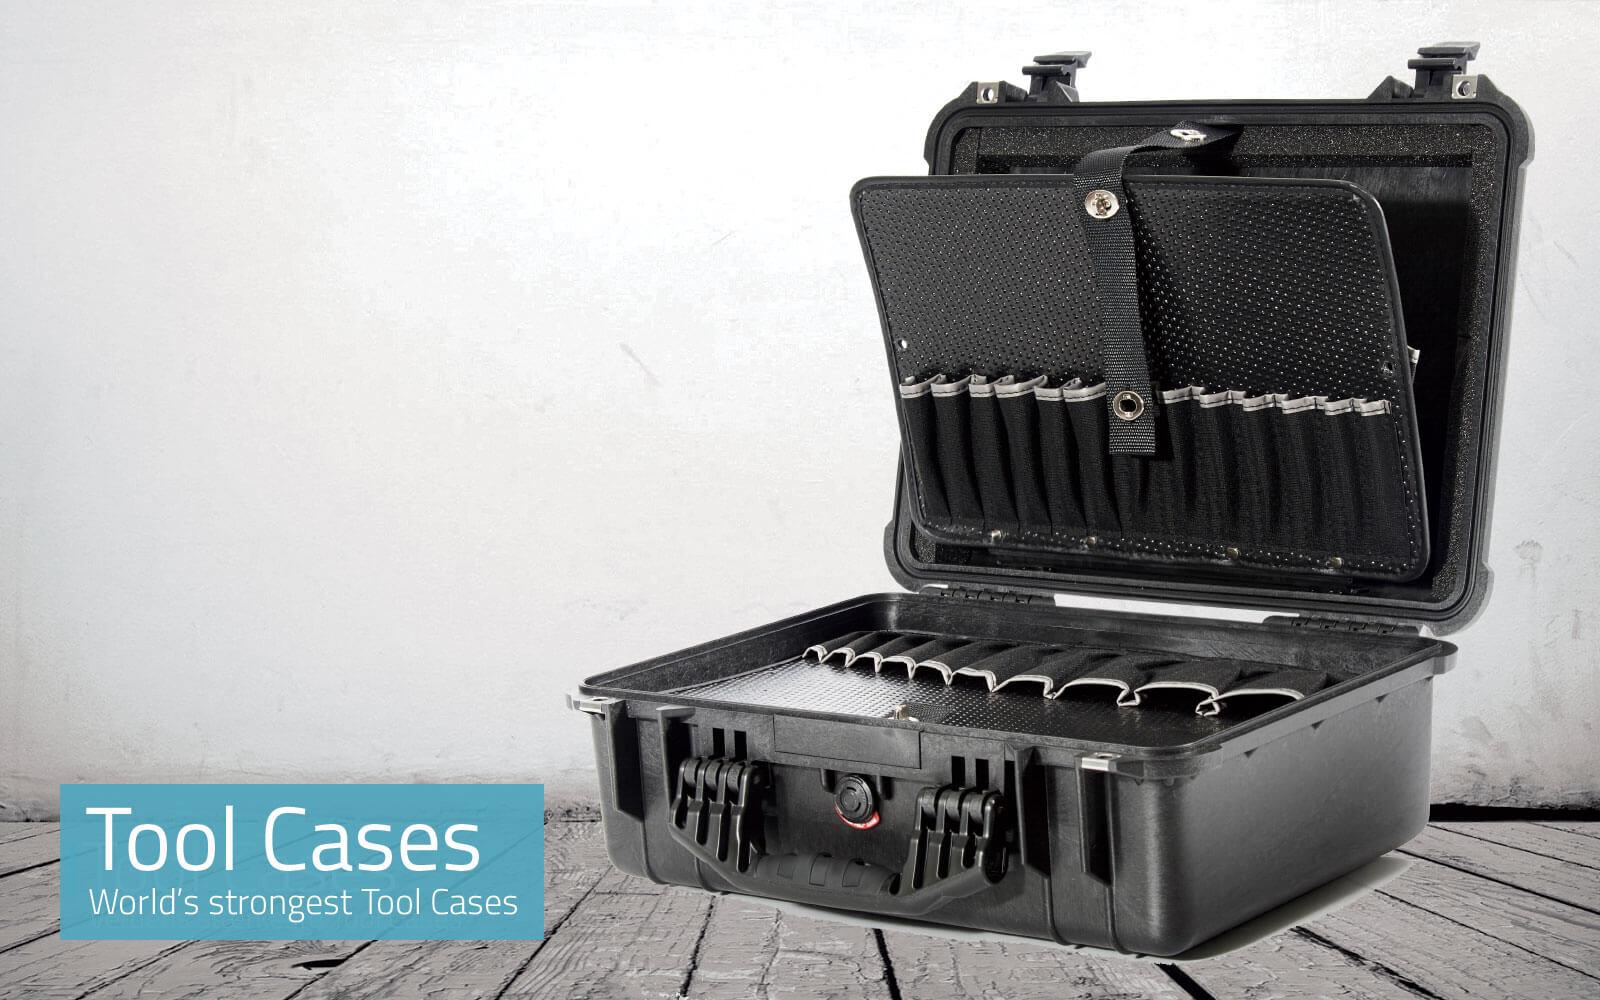 Peli Tool Cases